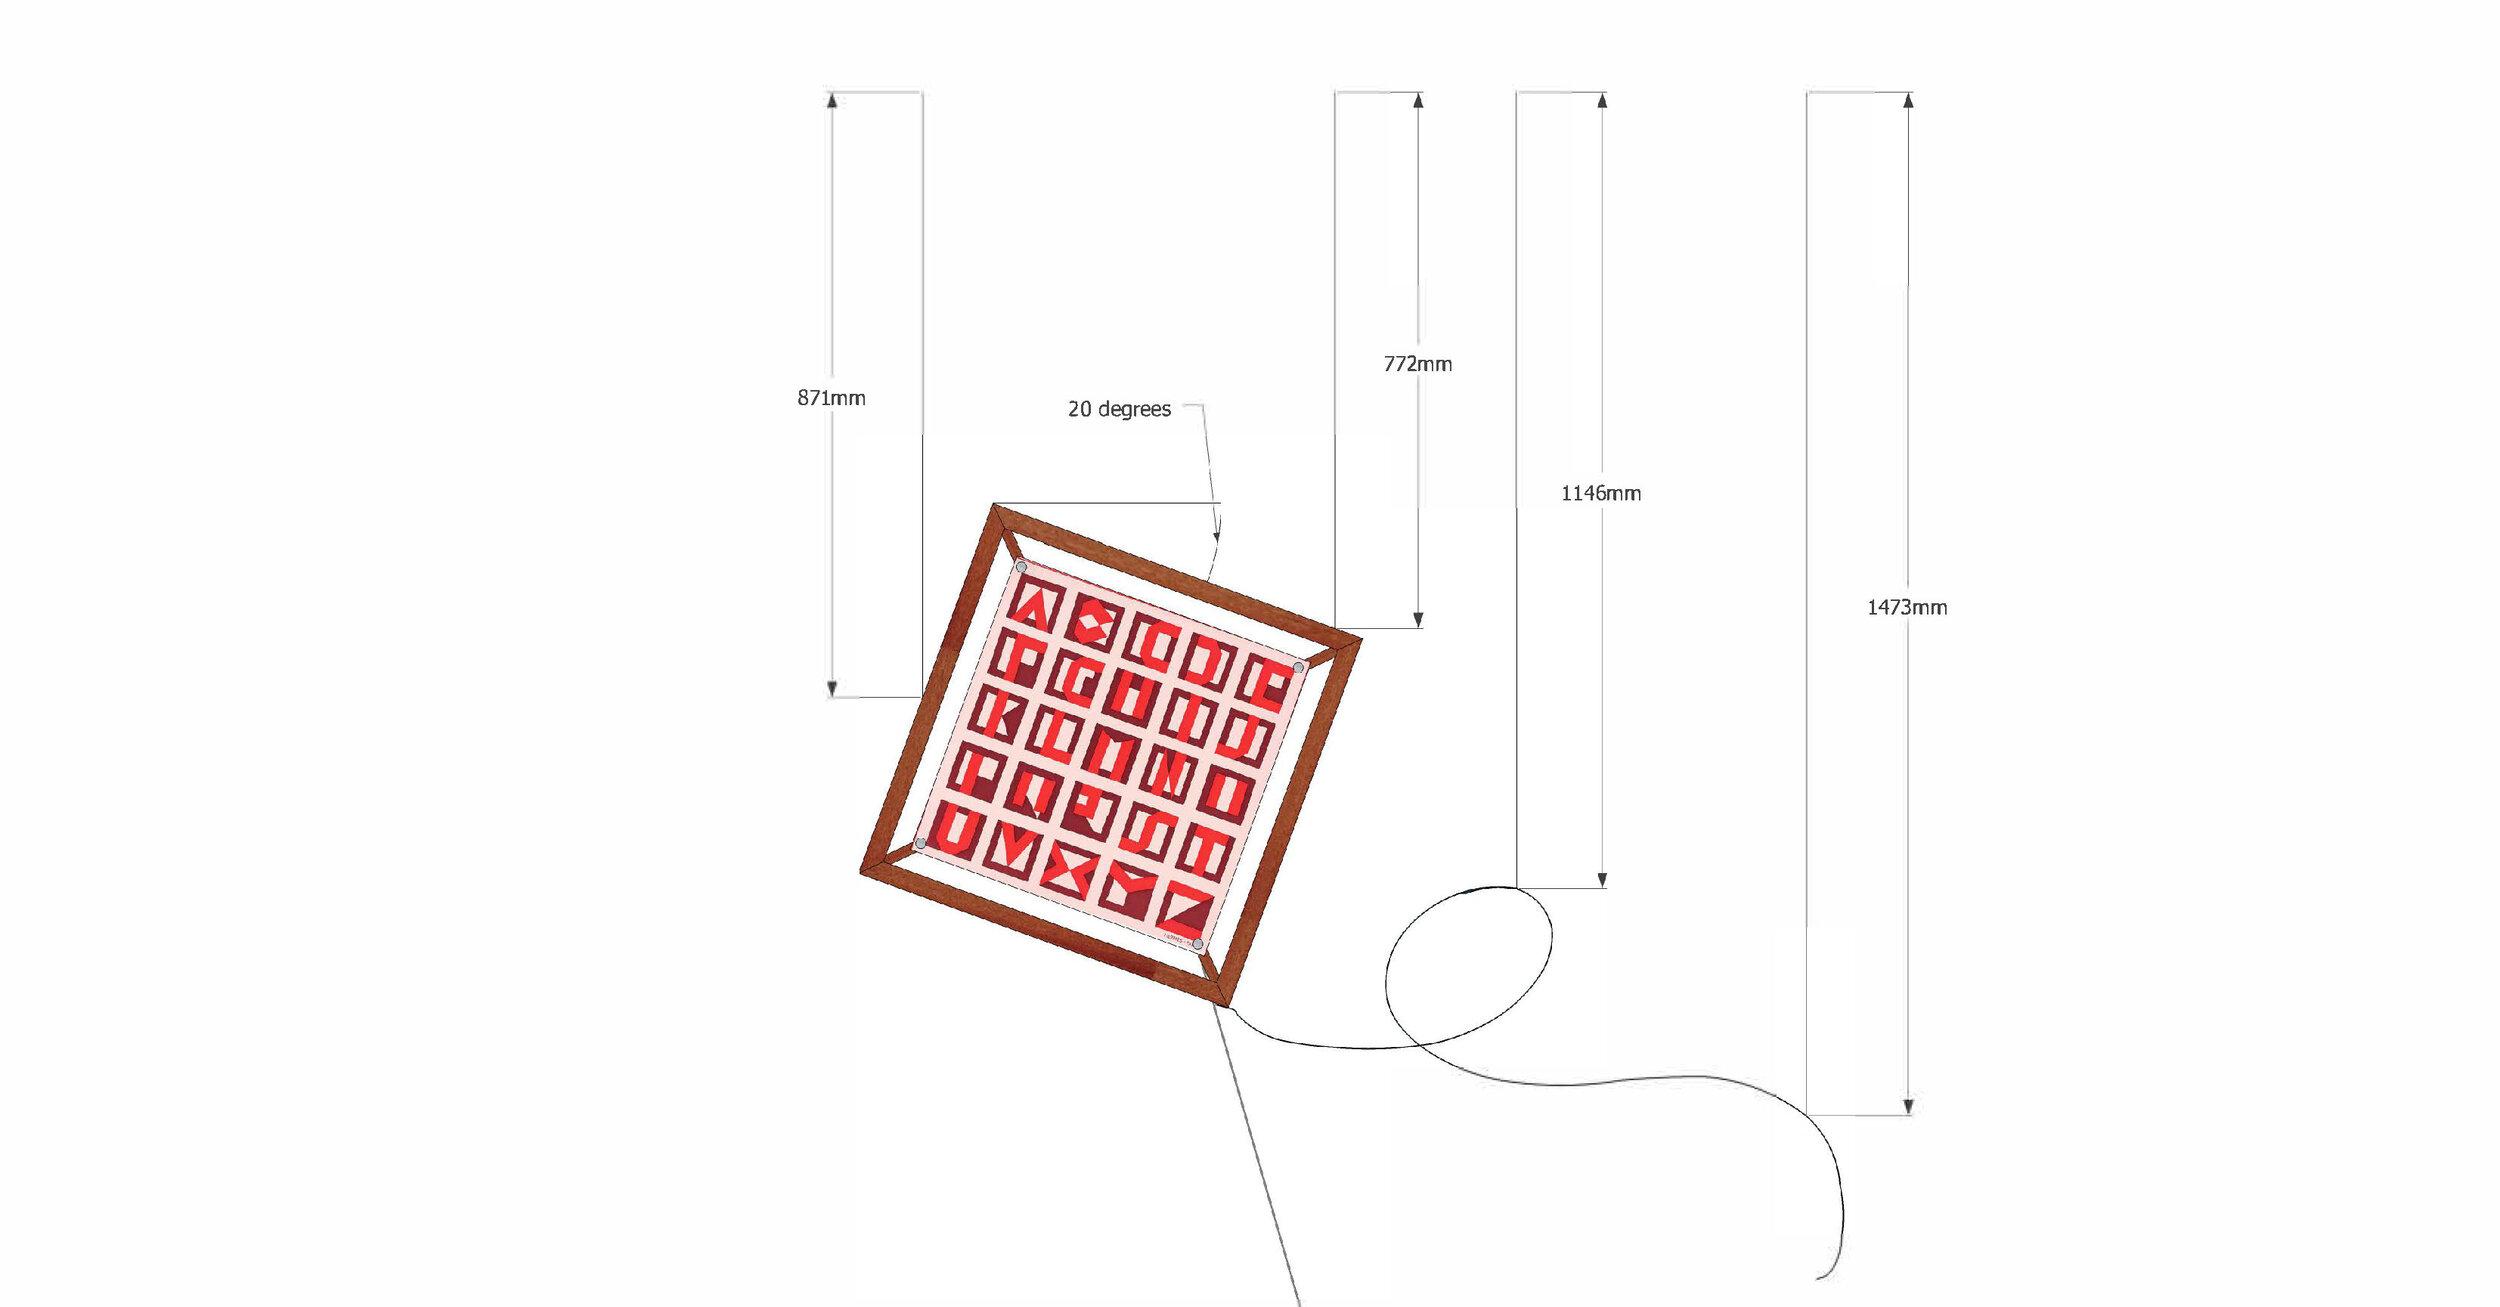 Hermès_Dimensions_Window 1_Revised_Page_08.jpg